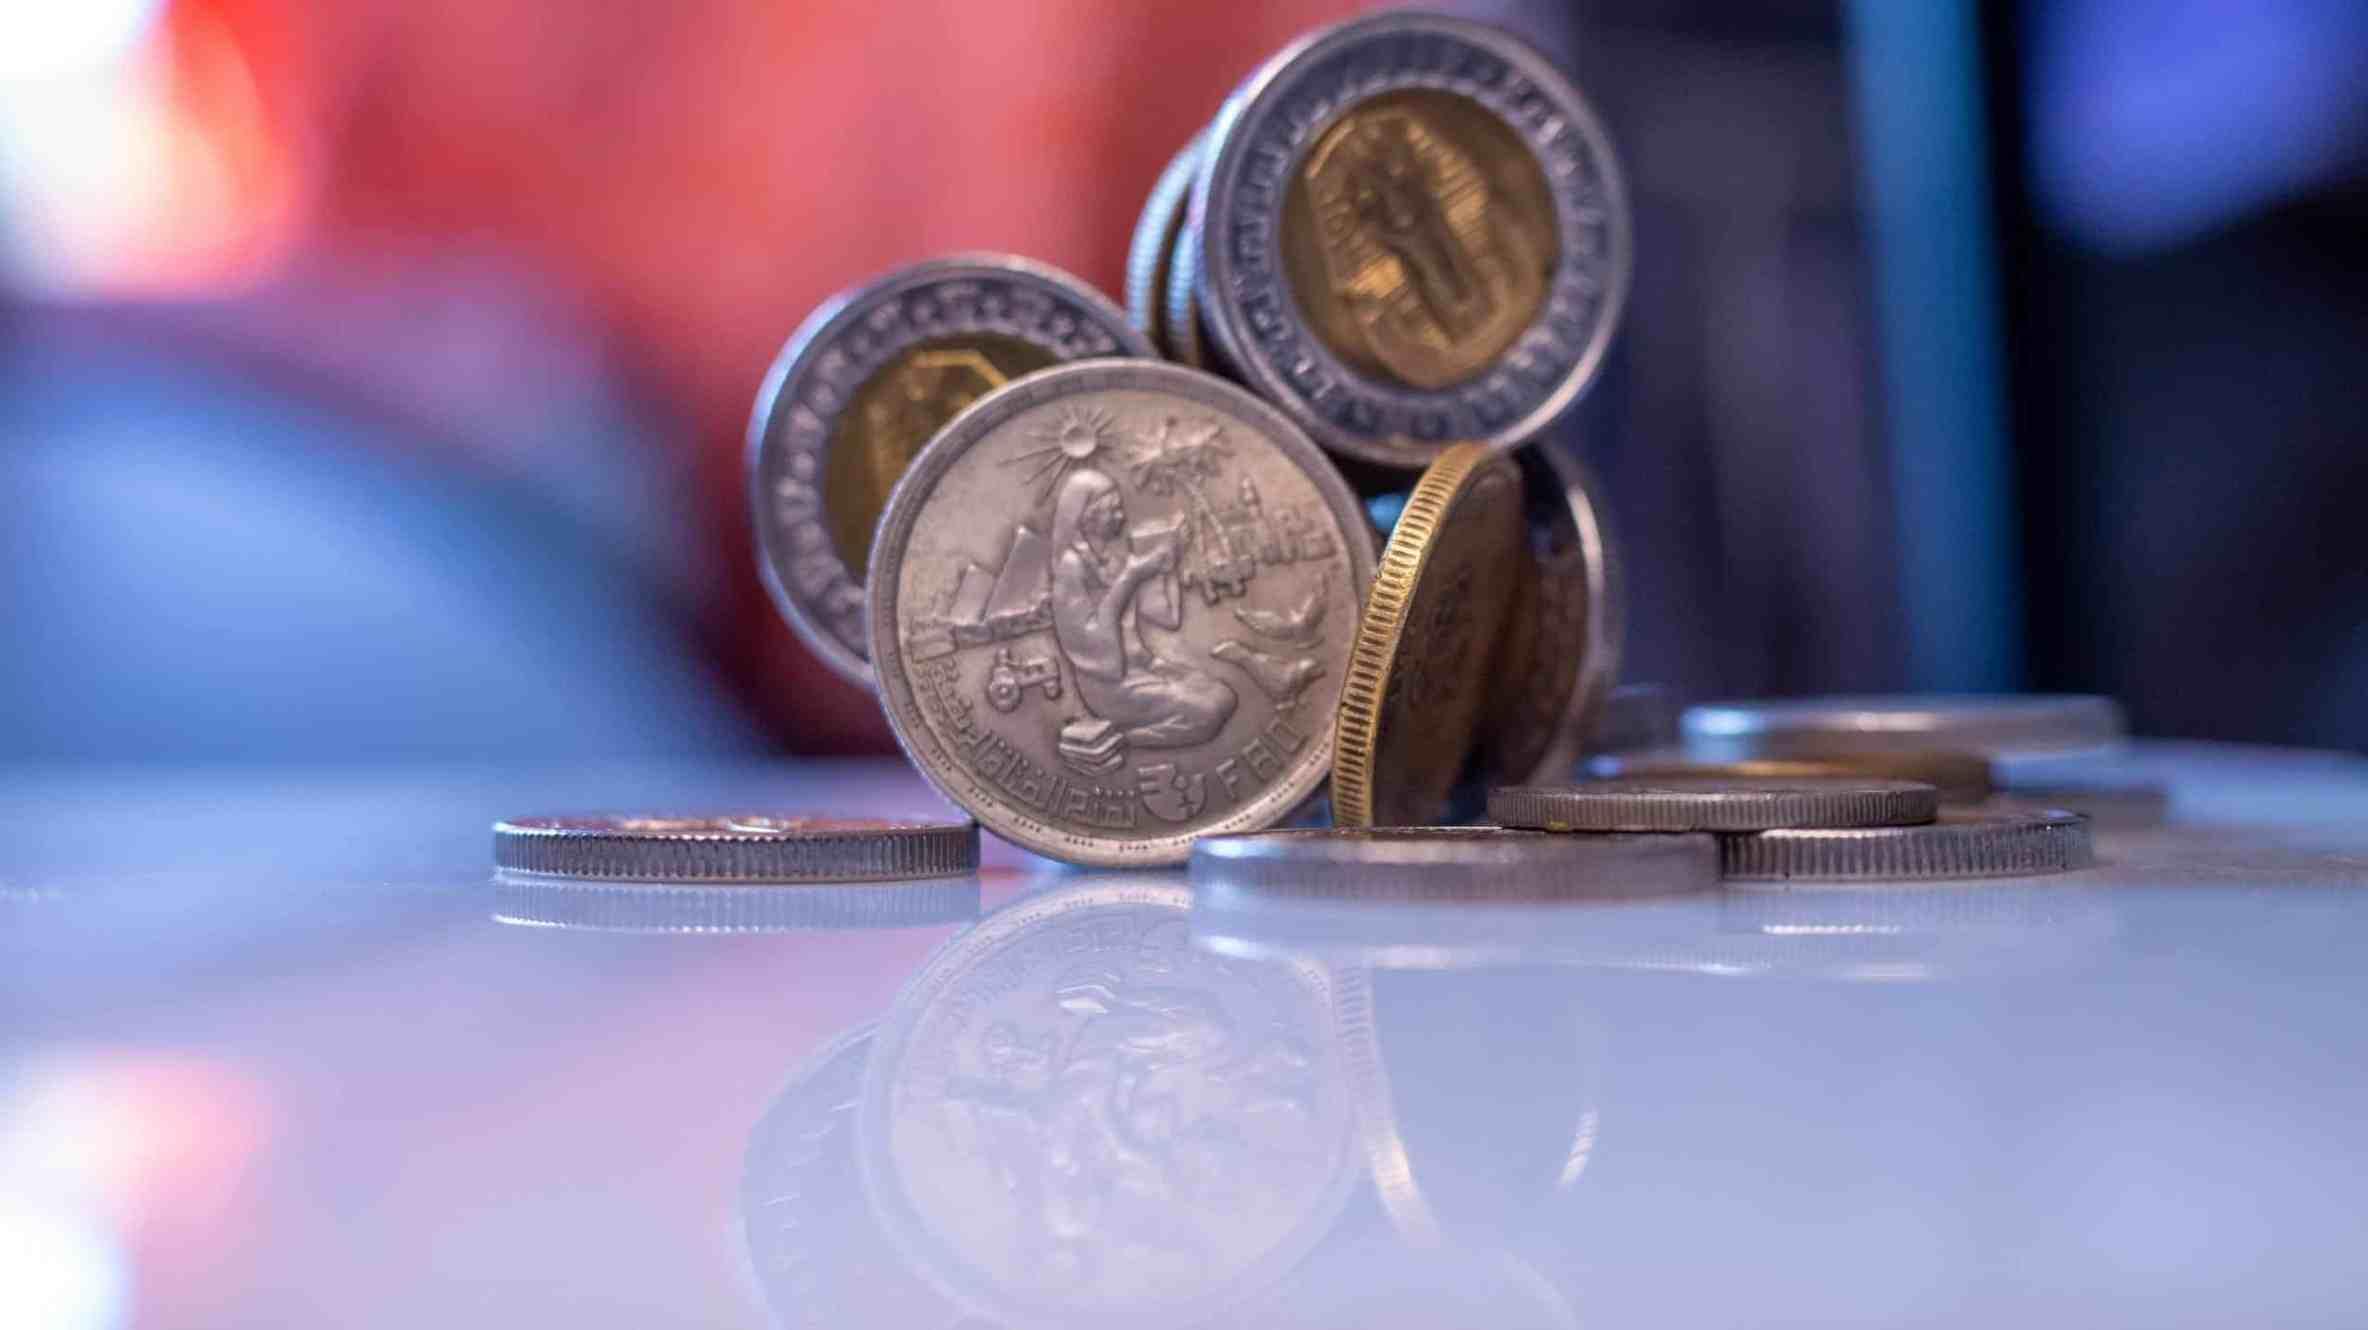 Jūs varat pelnīt naudu no bināro opciju tirdzniecības, affiliate...